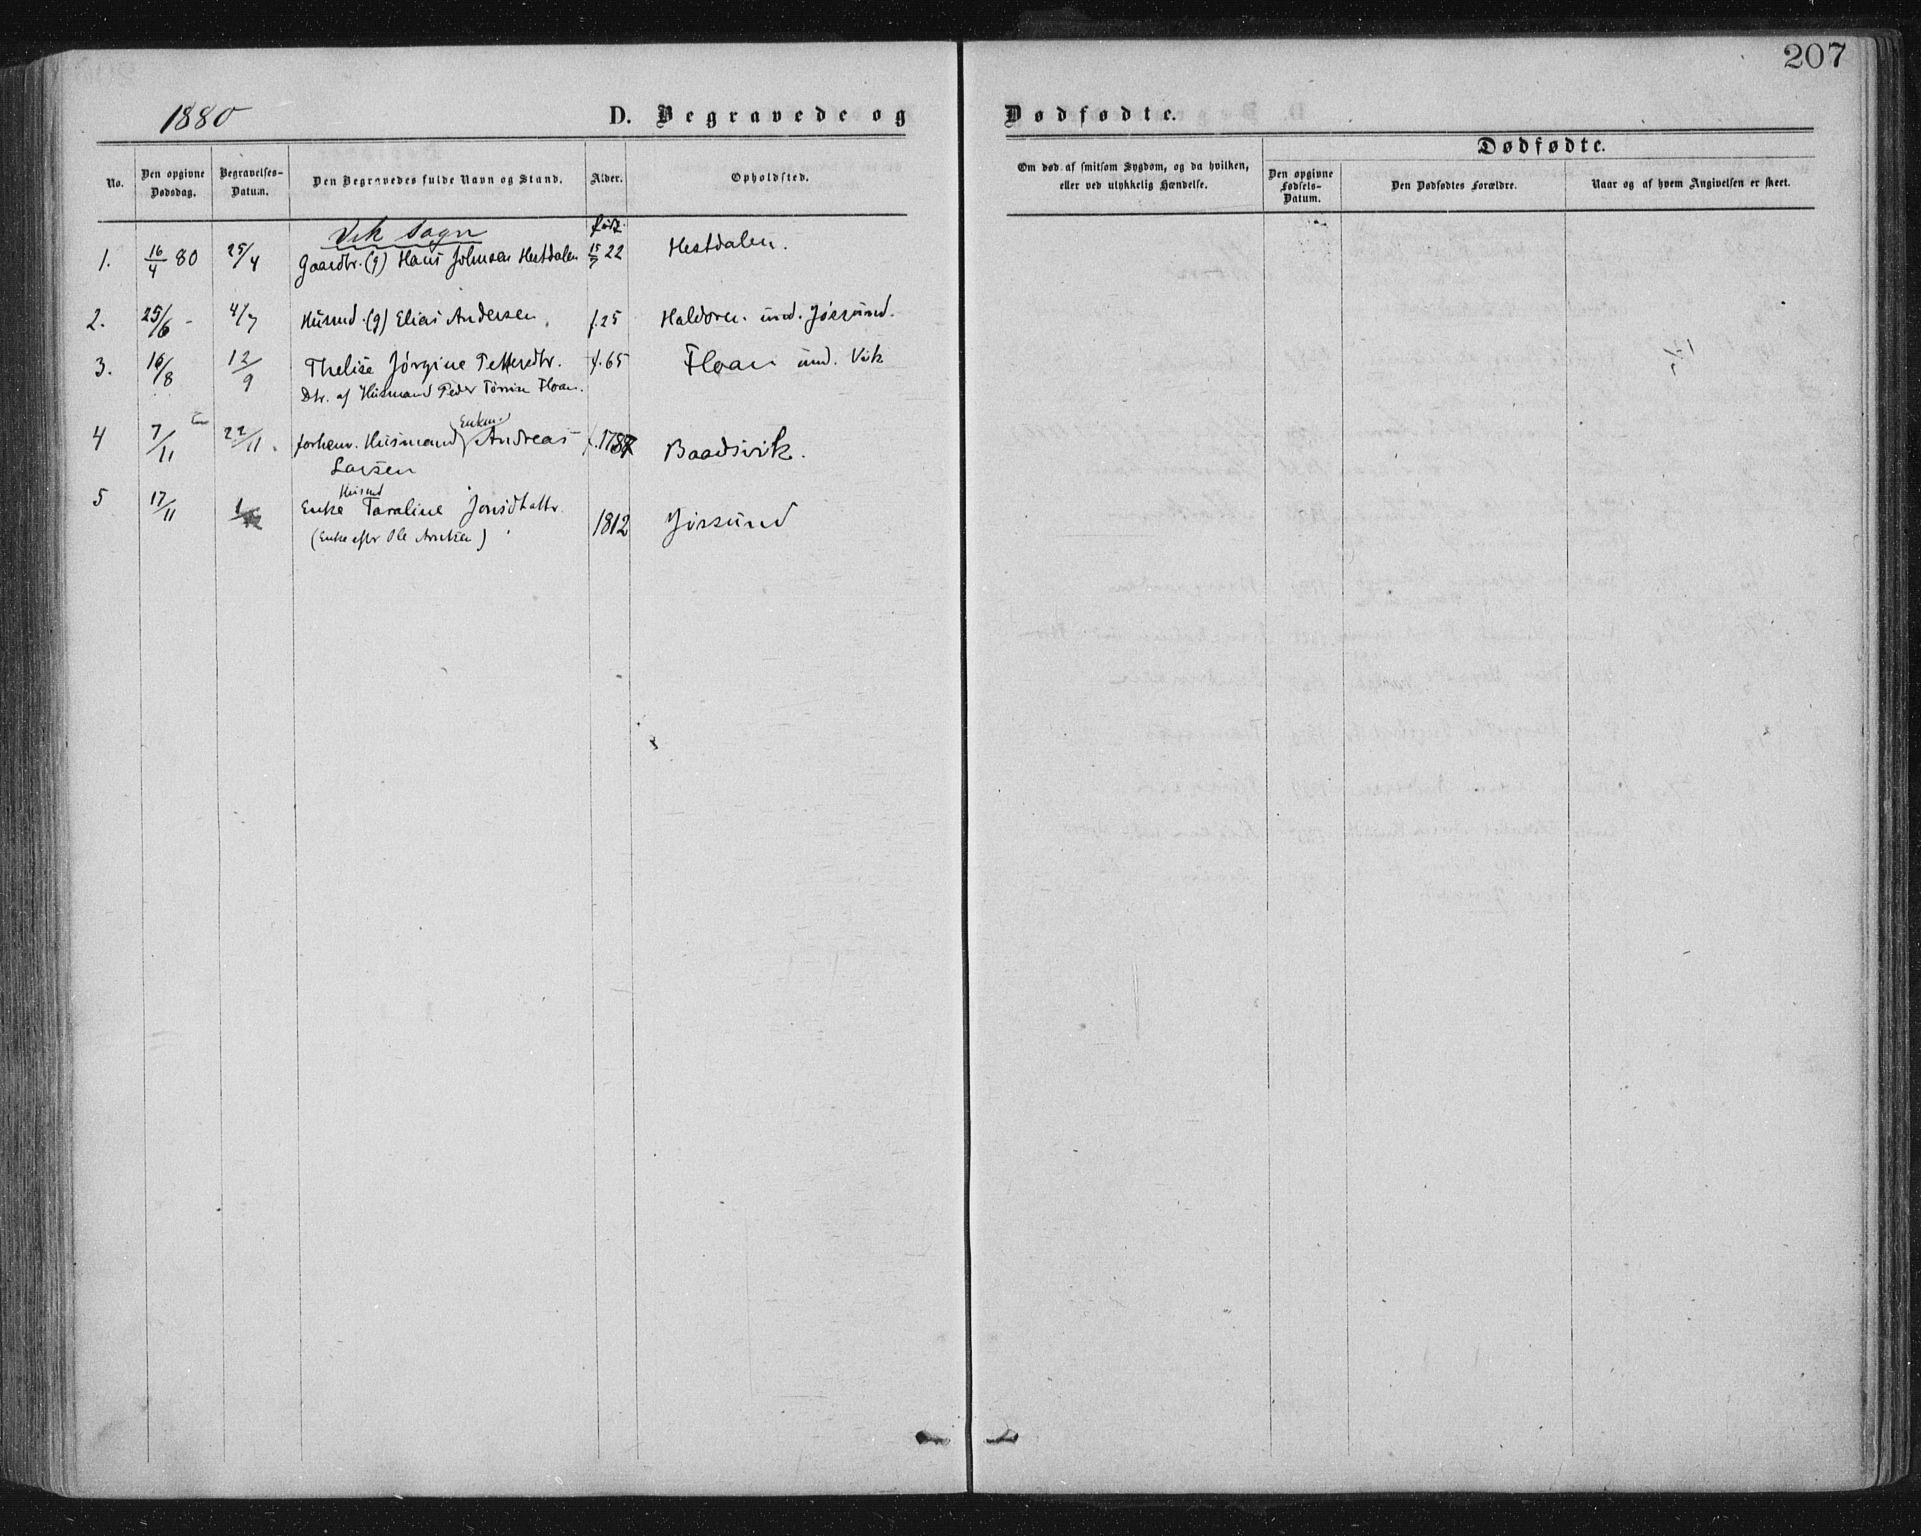 SAT, Ministerialprotokoller, klokkerbøker og fødselsregistre - Nord-Trøndelag, 771/L0596: Ministerialbok nr. 771A03, 1870-1884, s. 207